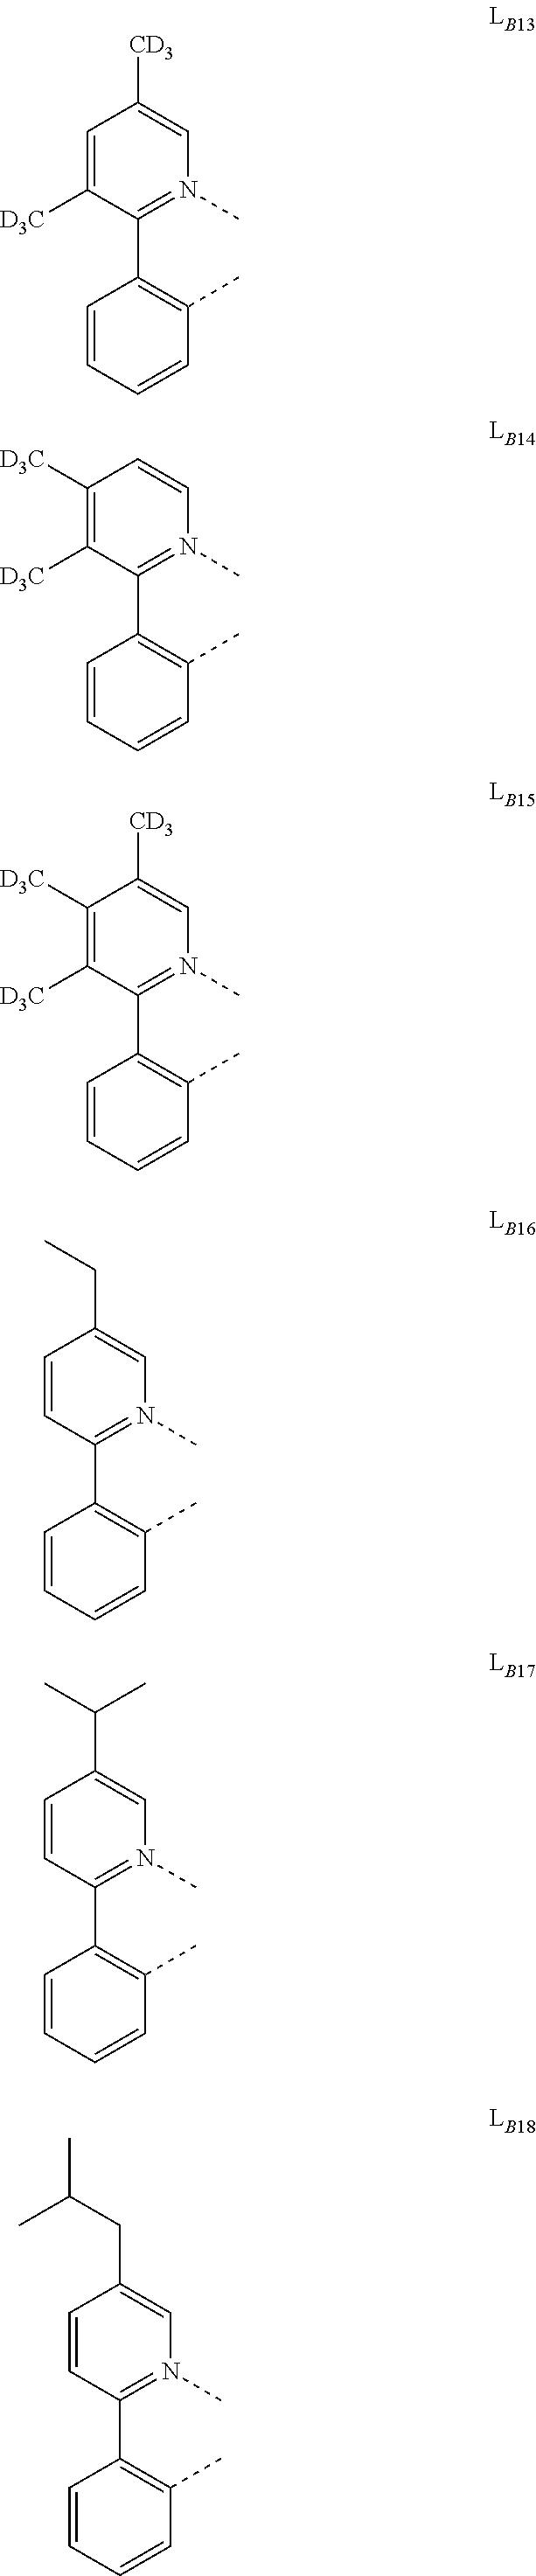 Figure US09929360-20180327-C00219